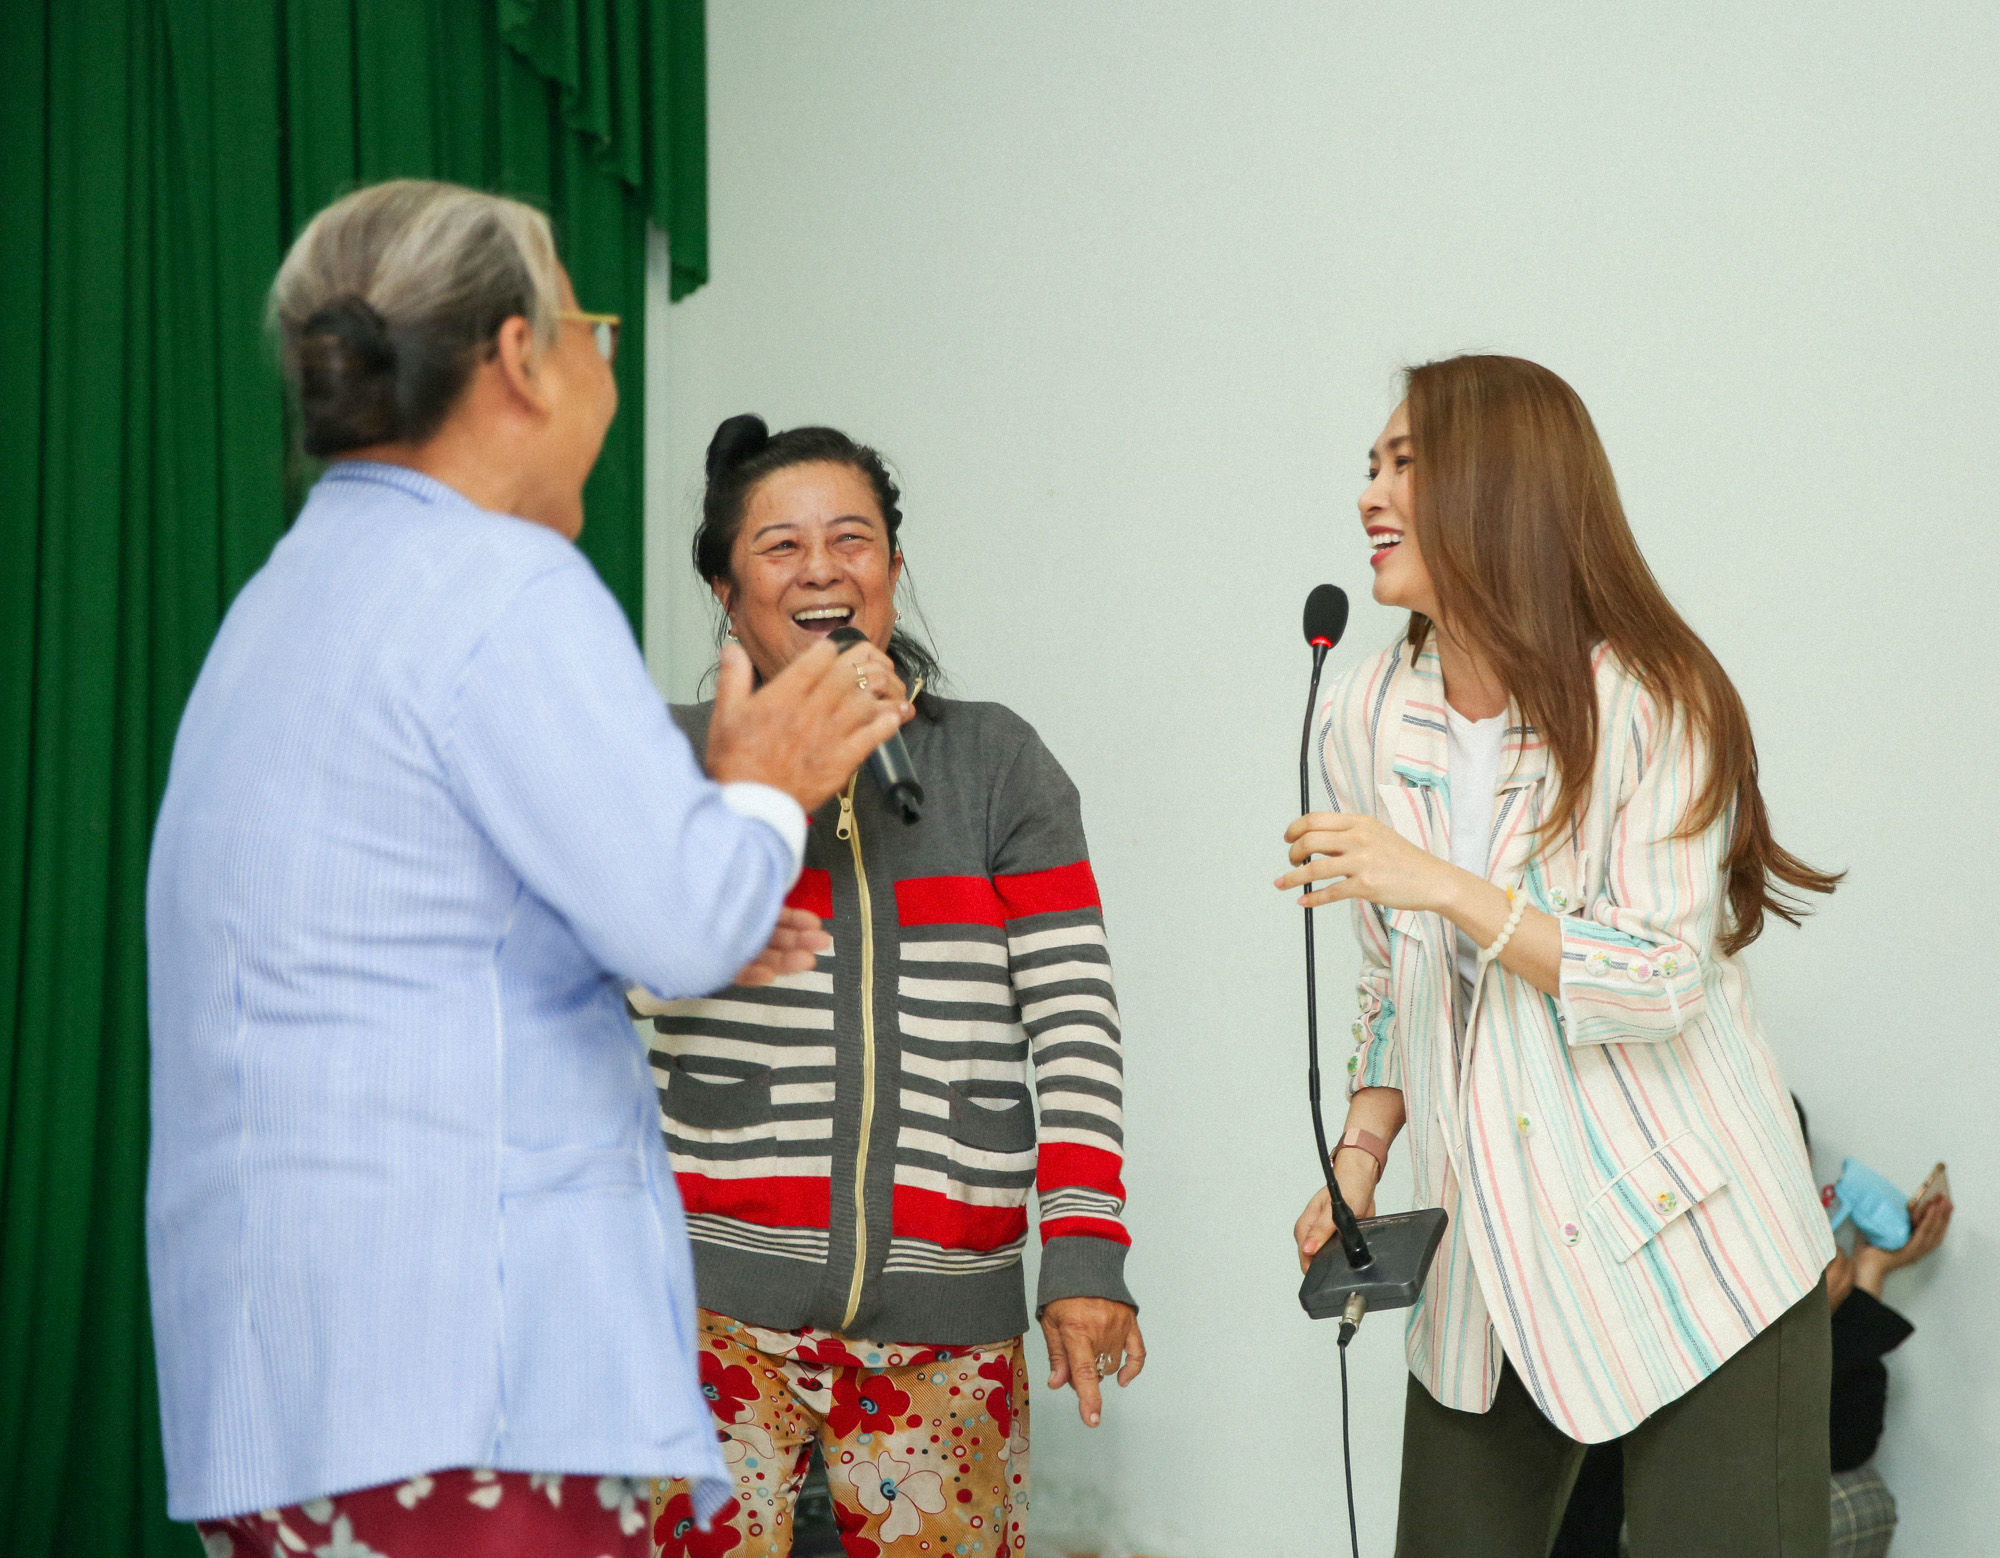 Mỹ Tâm cũng dành thời gian phục vụ văn nghệ cho bà con nơi đây. Sự nhiệt tình, thân thiện của Mỹ Tâm khiến nhiều người cảm thấy hưng phấn, tình nguyện lên hát góp vui cùng nữ ca sĩ.